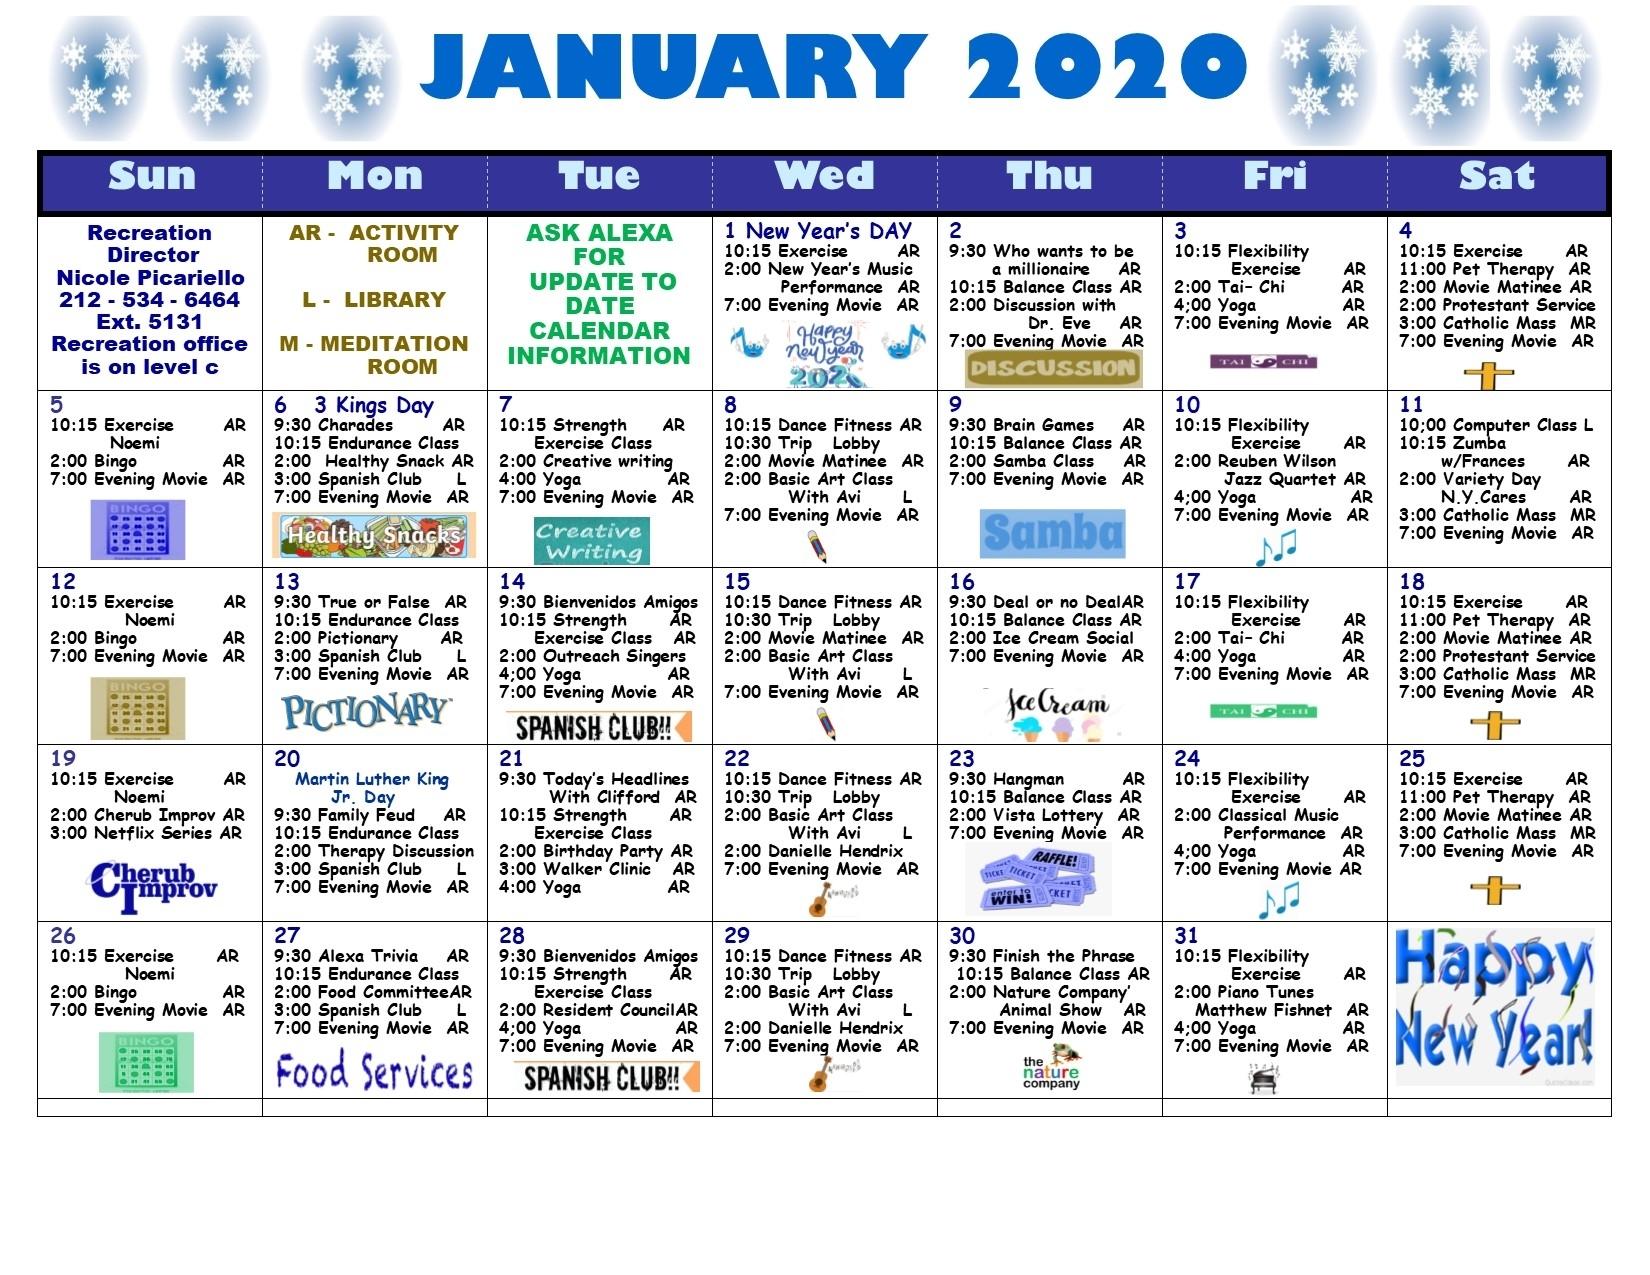 January 2020 Calendar | Lott Assisted Living Residence